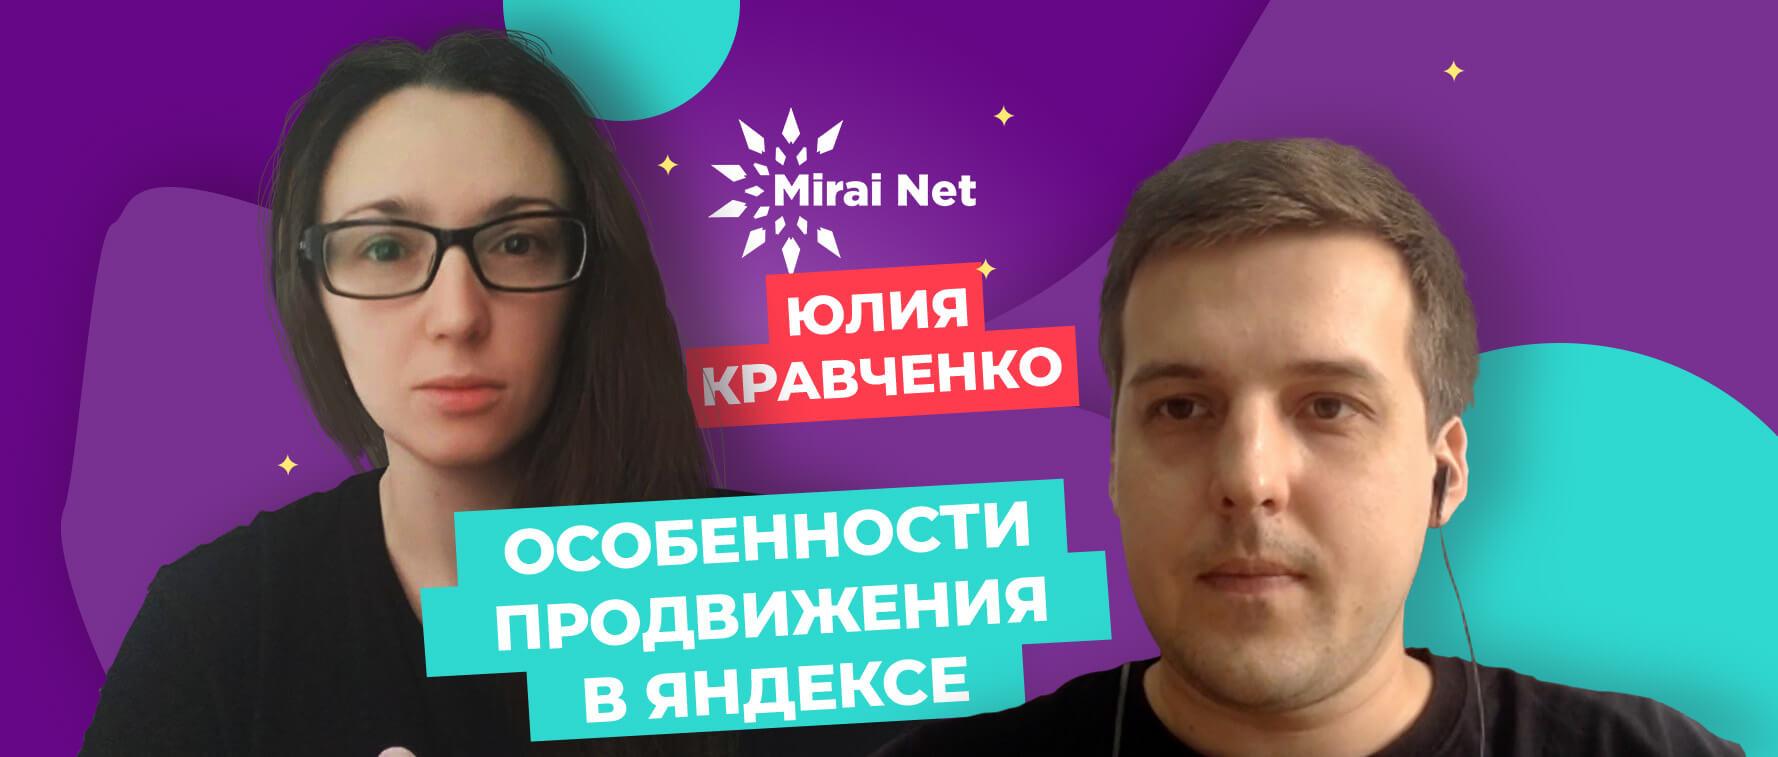 Особенности продвижения в Яндекс от Юли Кравченко